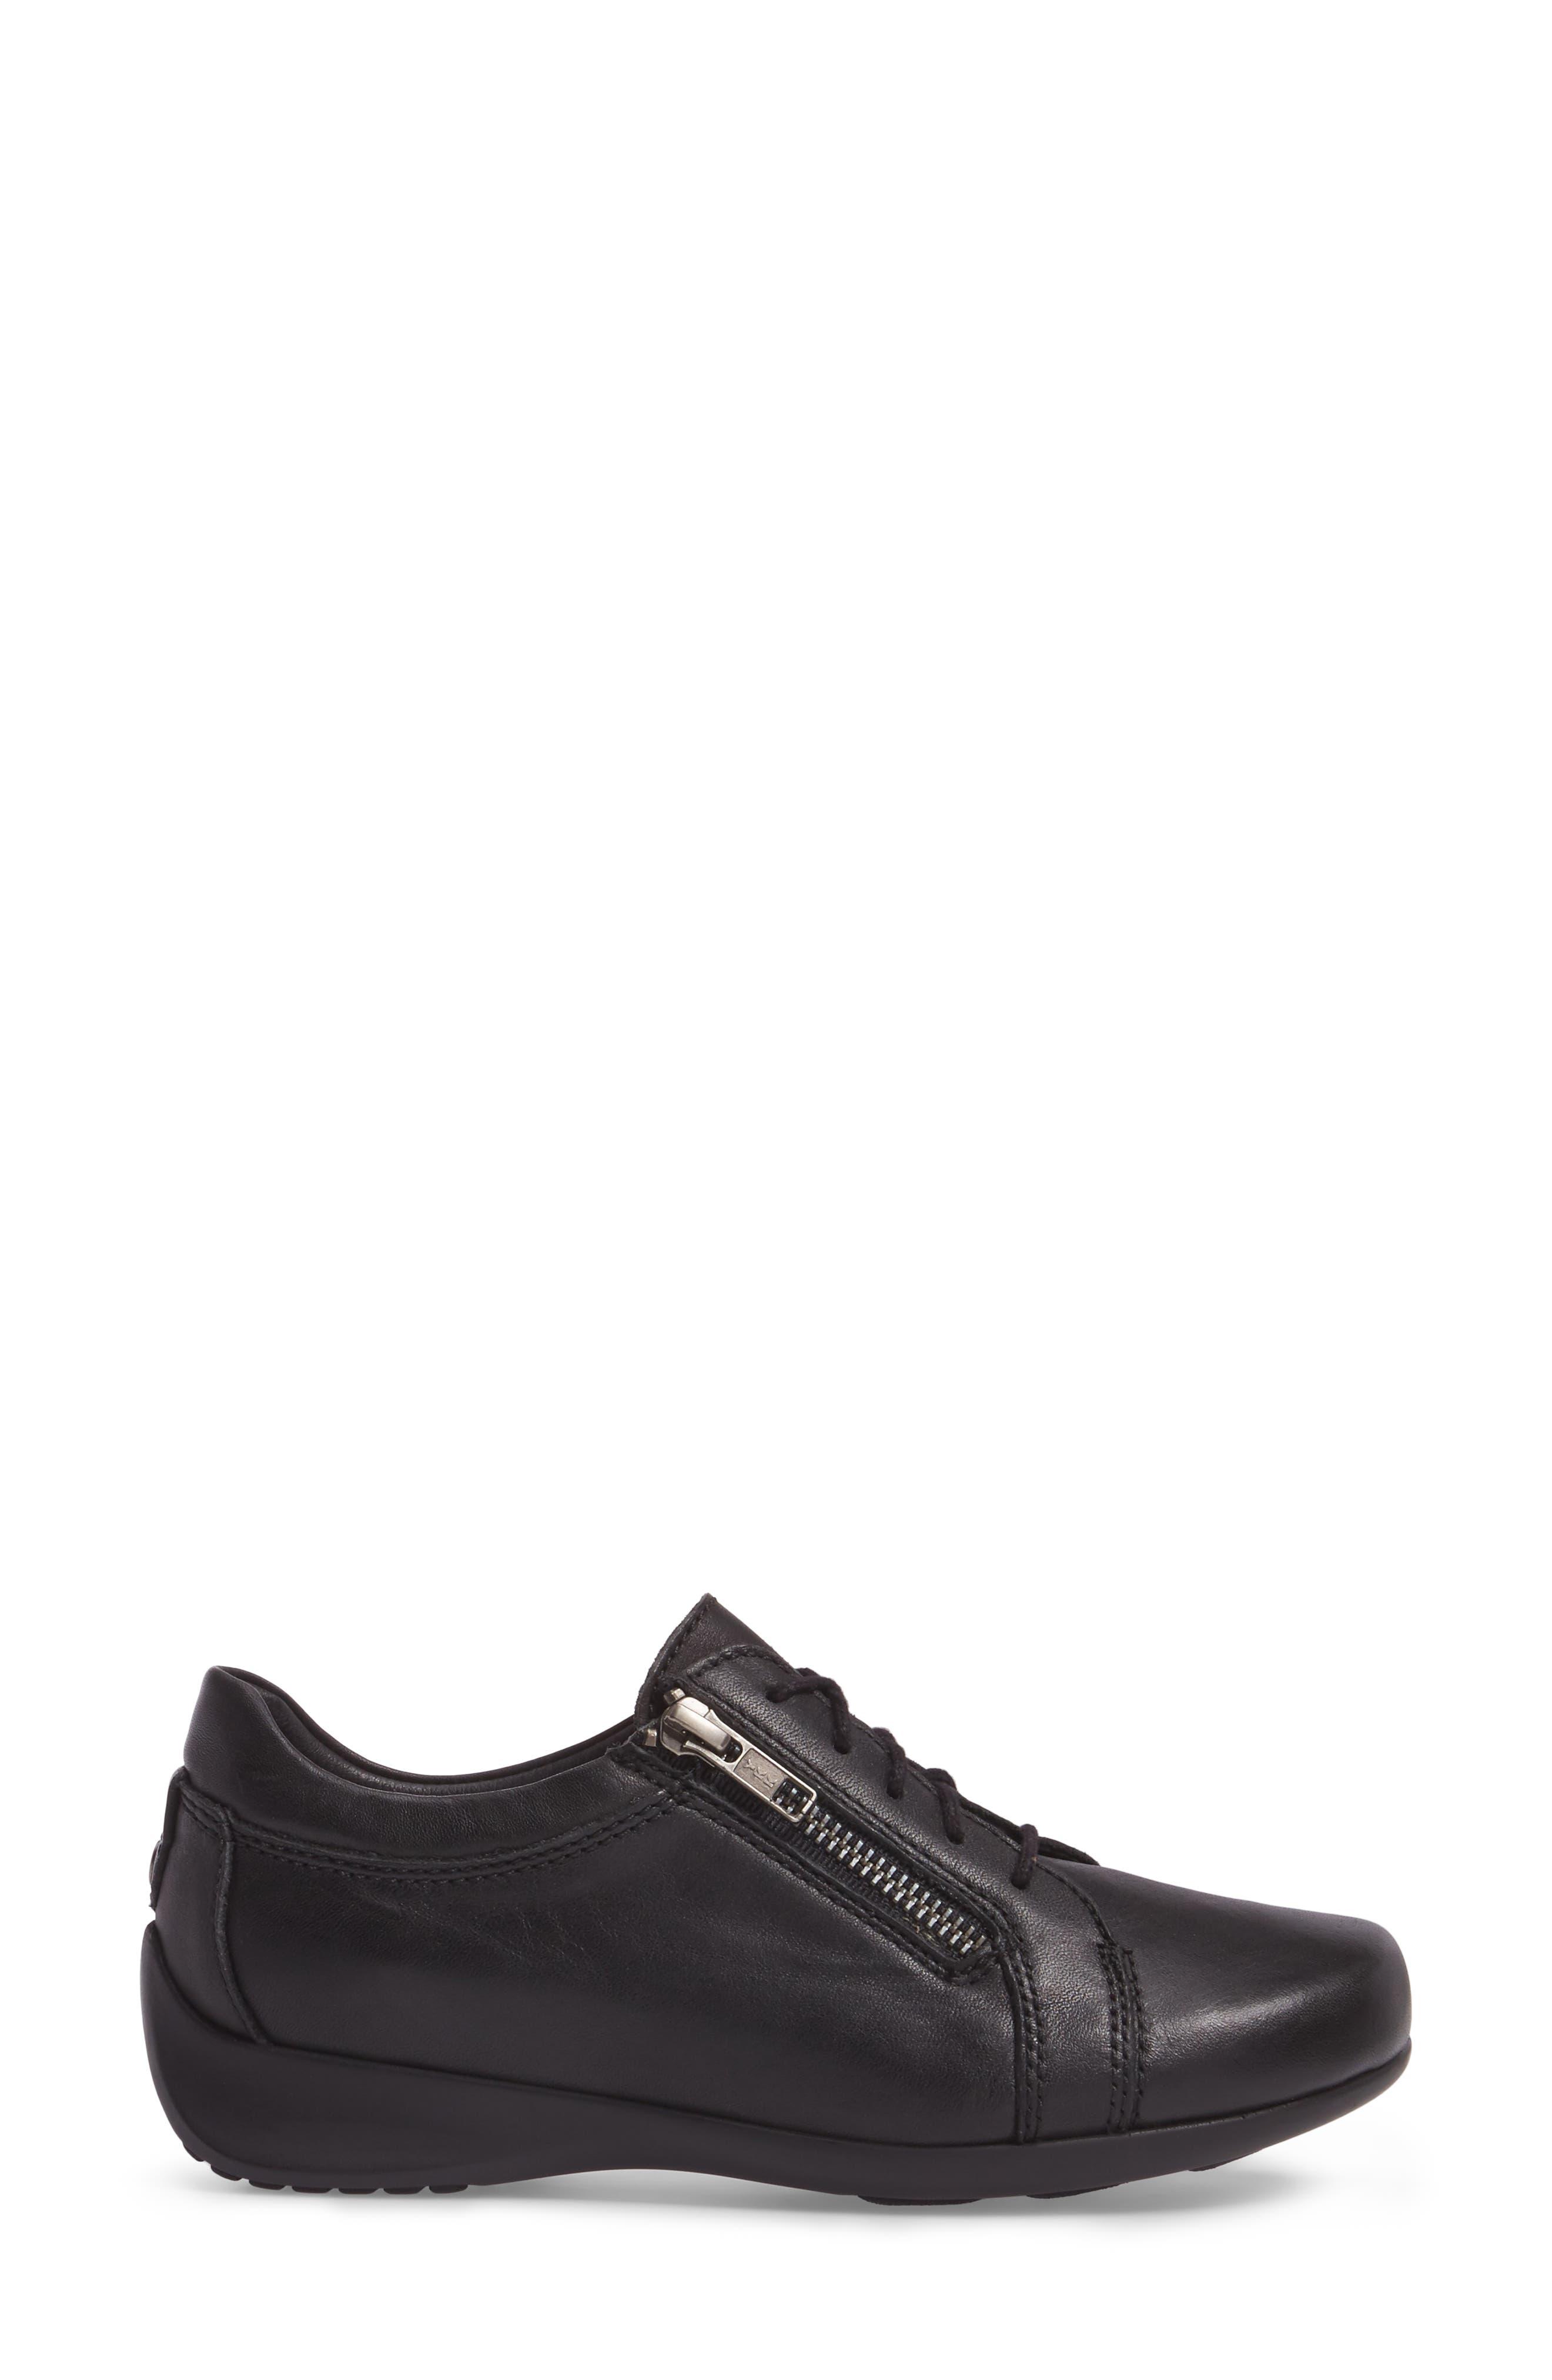 Bonnie Sneaker,                             Alternate thumbnail 3, color,                             001